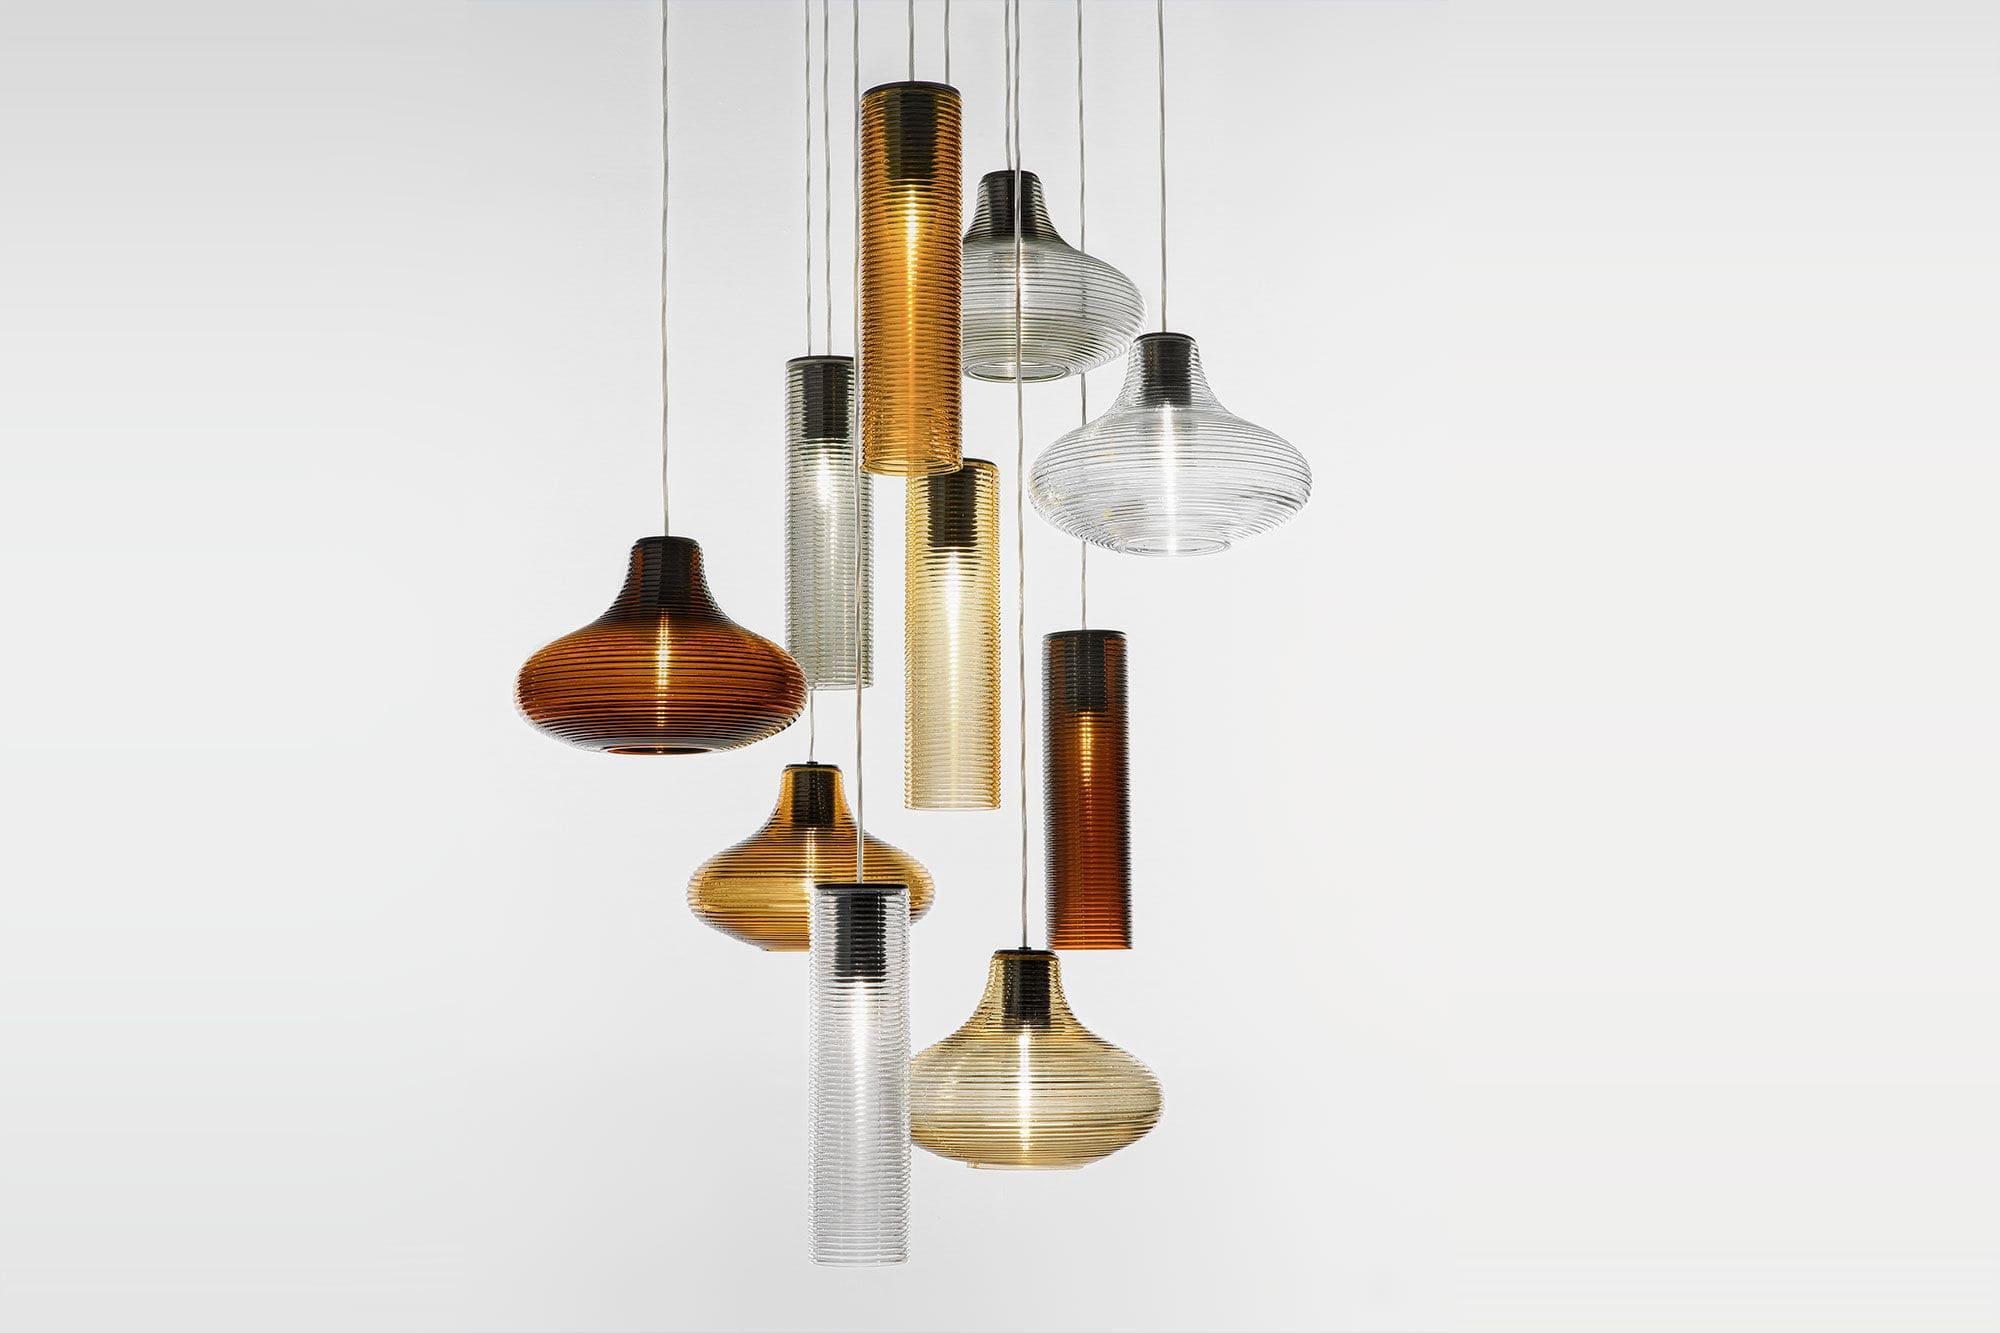 Lampade In Vetro Soffiato : Lampada a sospensione moderna in acciaio in vetro soffiato